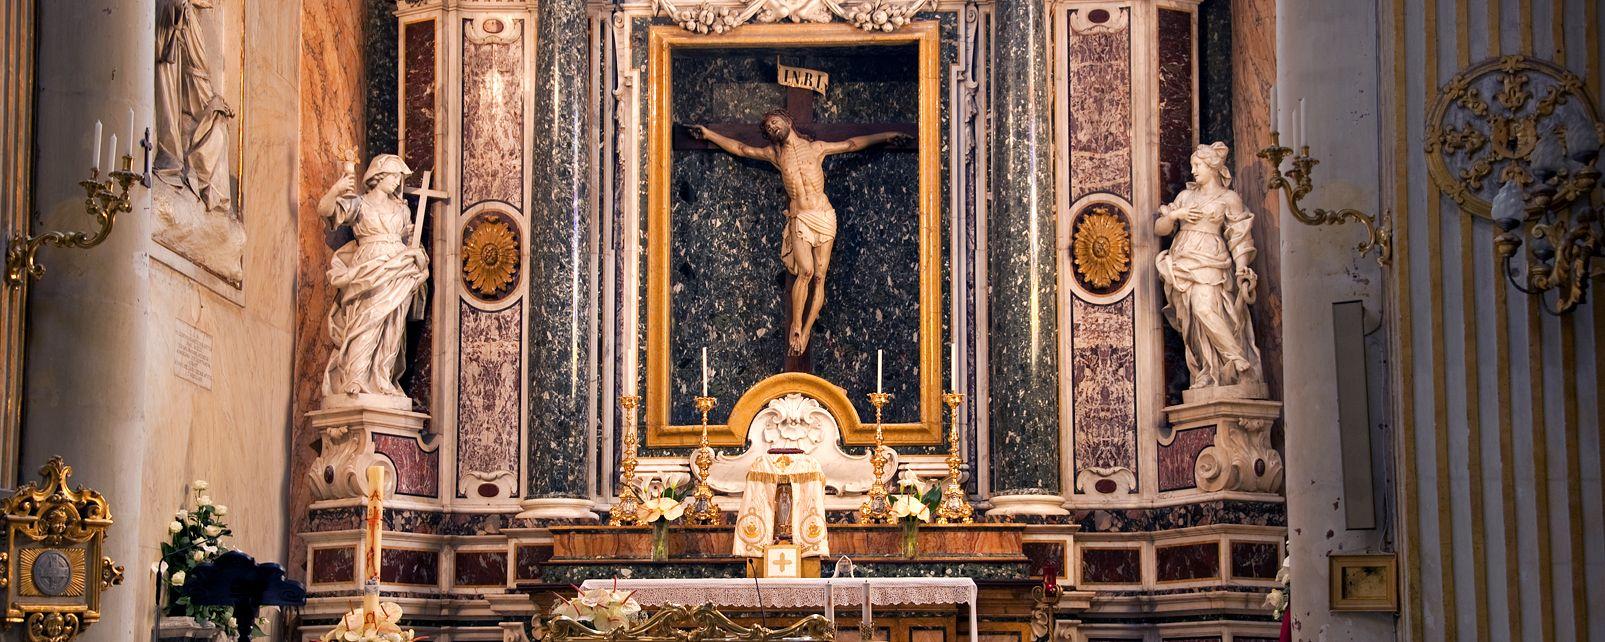 184137073, Le centre historique de Lecce, Les monuments, Pouilles